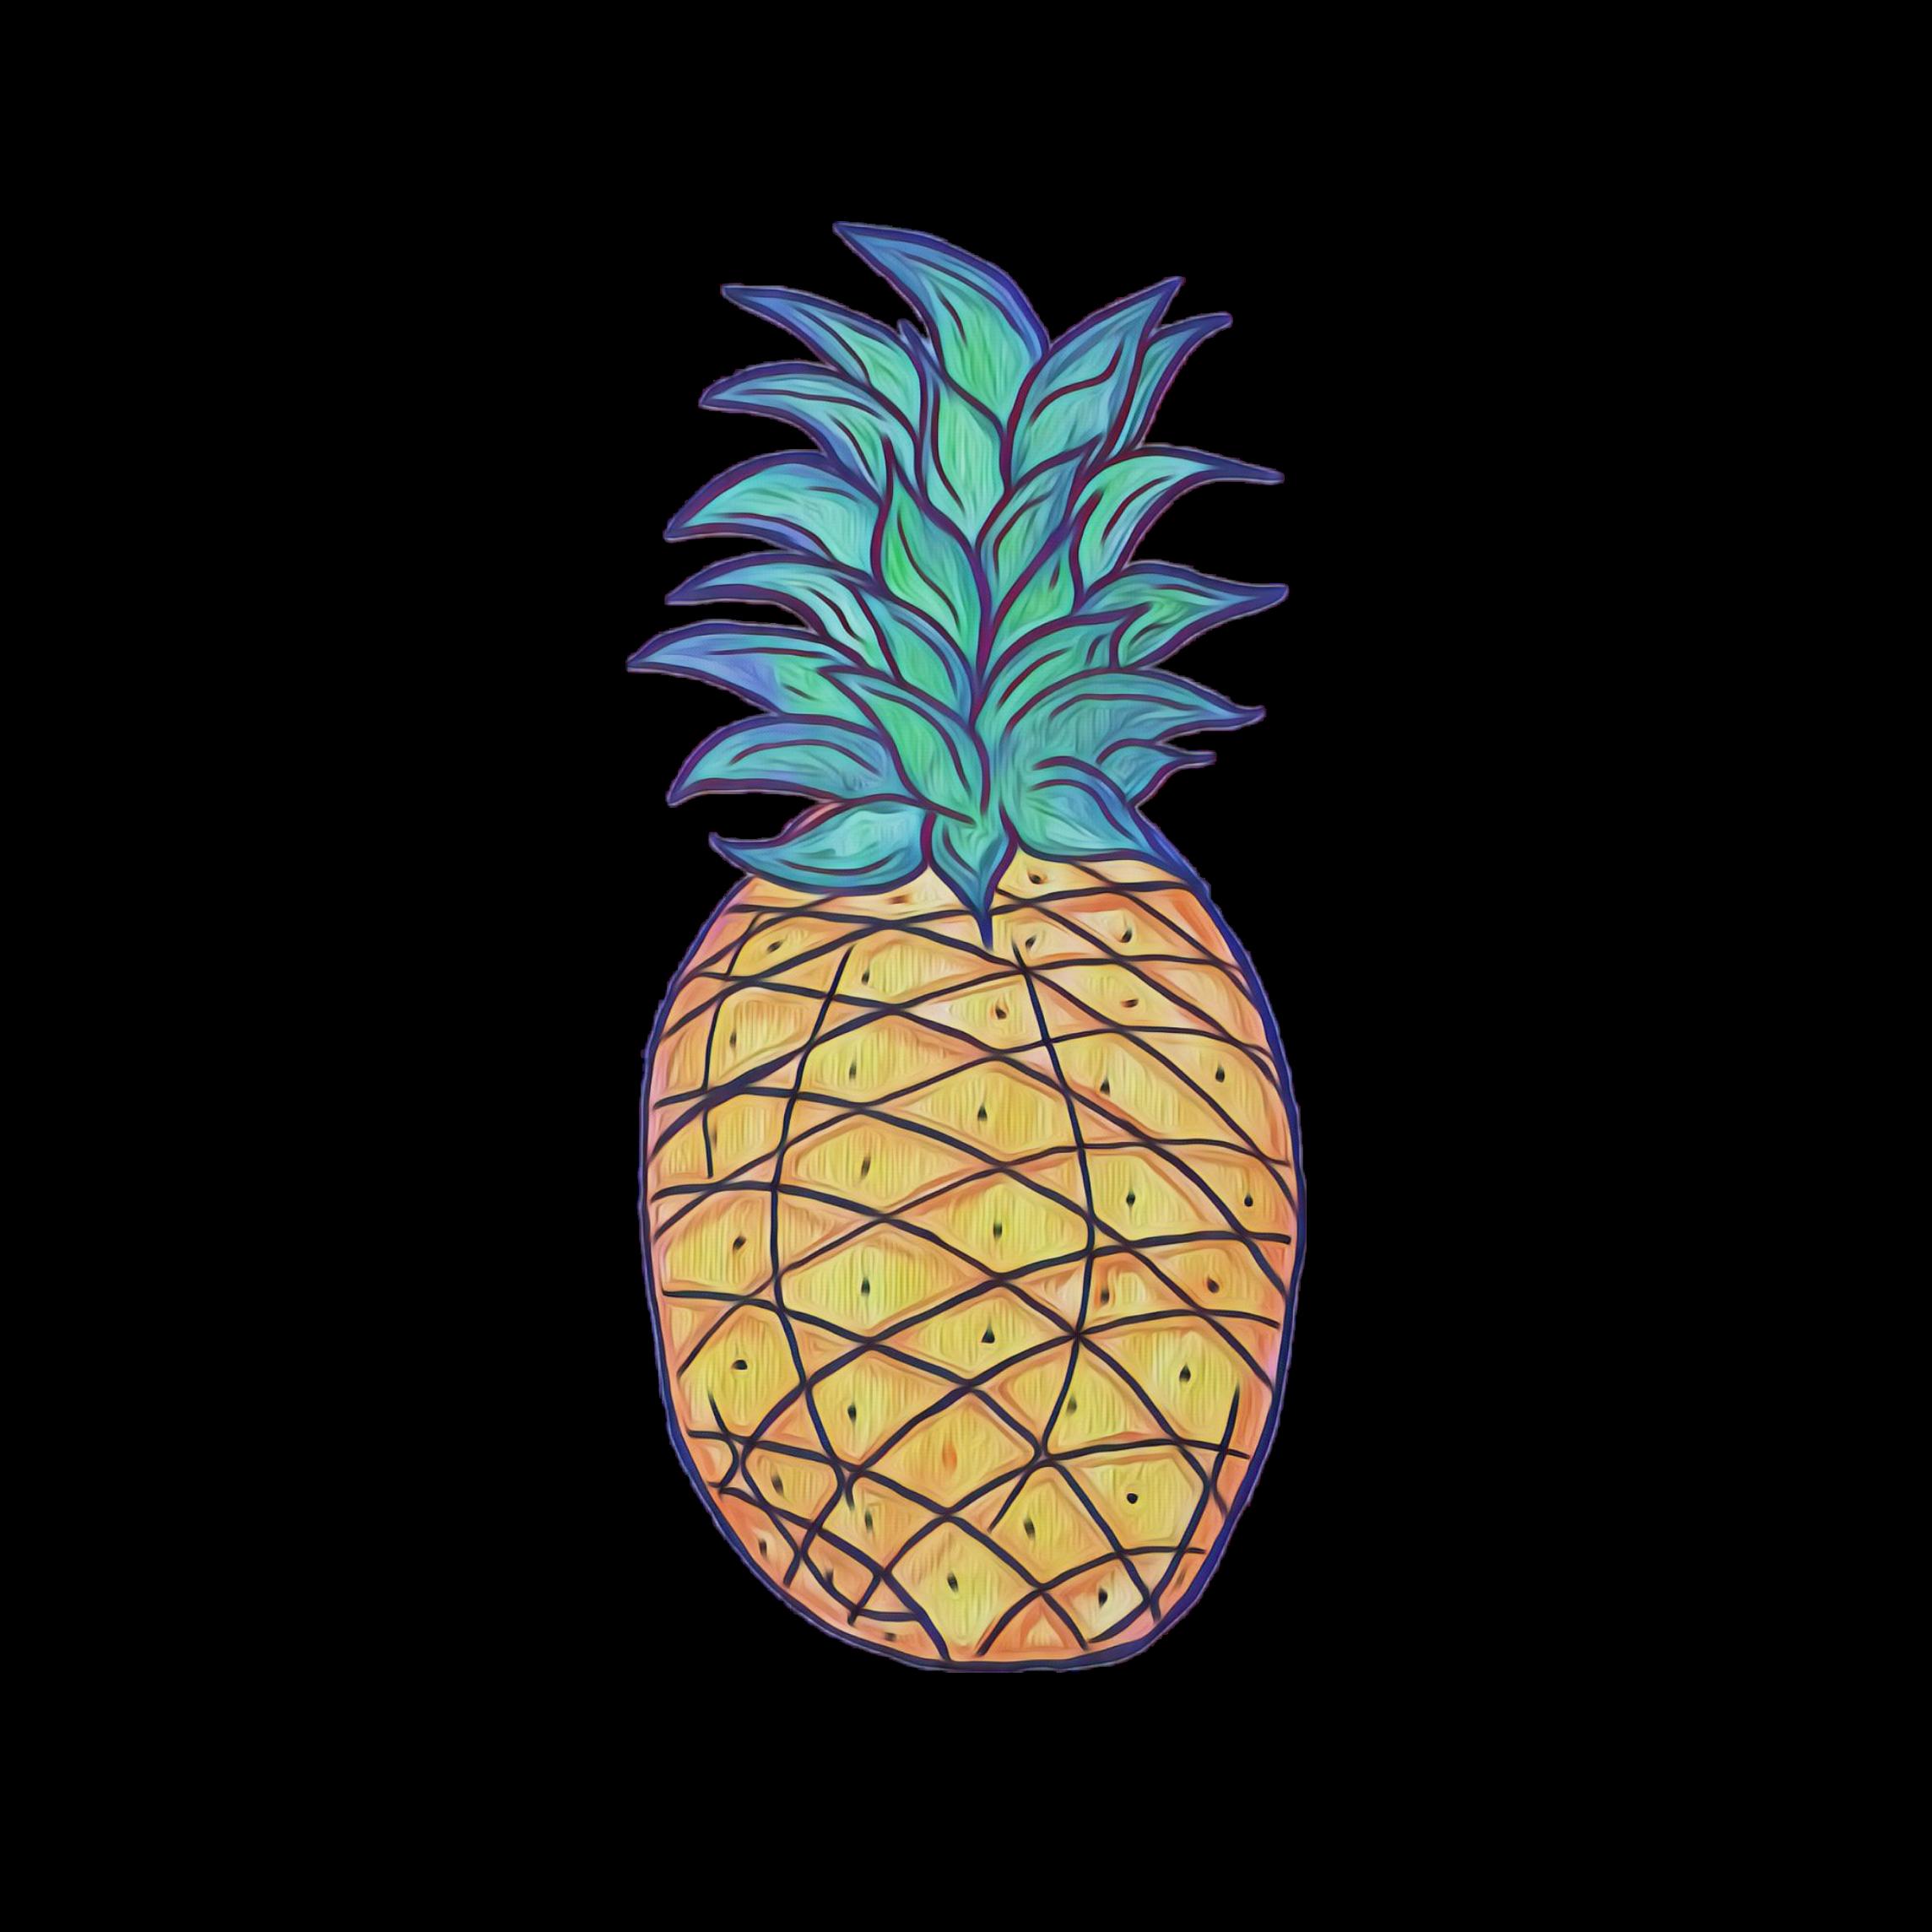 Cute Pineapple Sticker By Tulipe